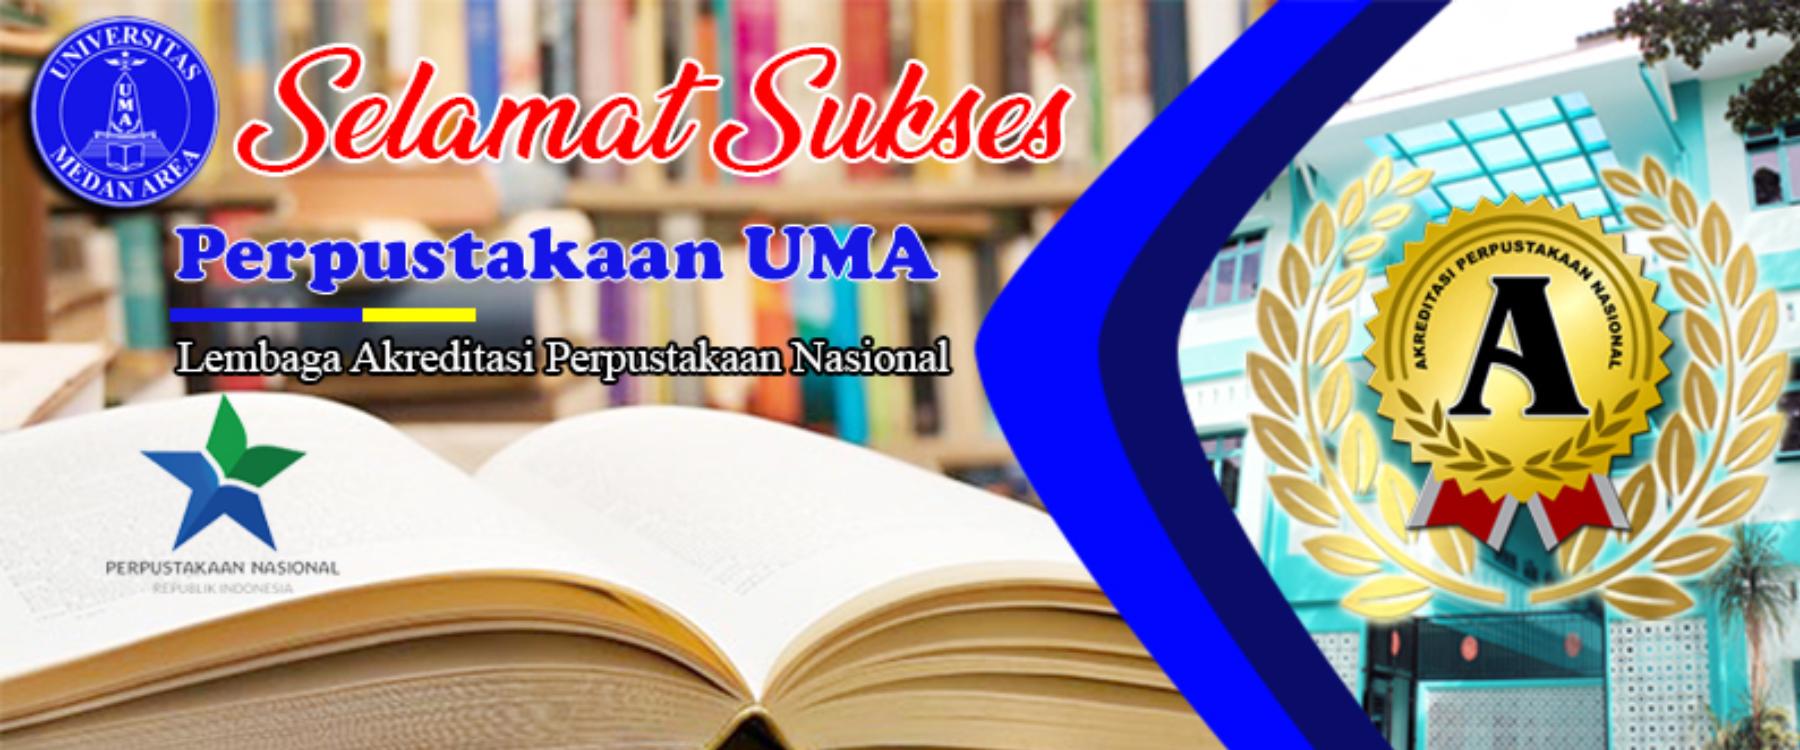 Perpustakaan Universitas Medan Area Meraih Akreditas A